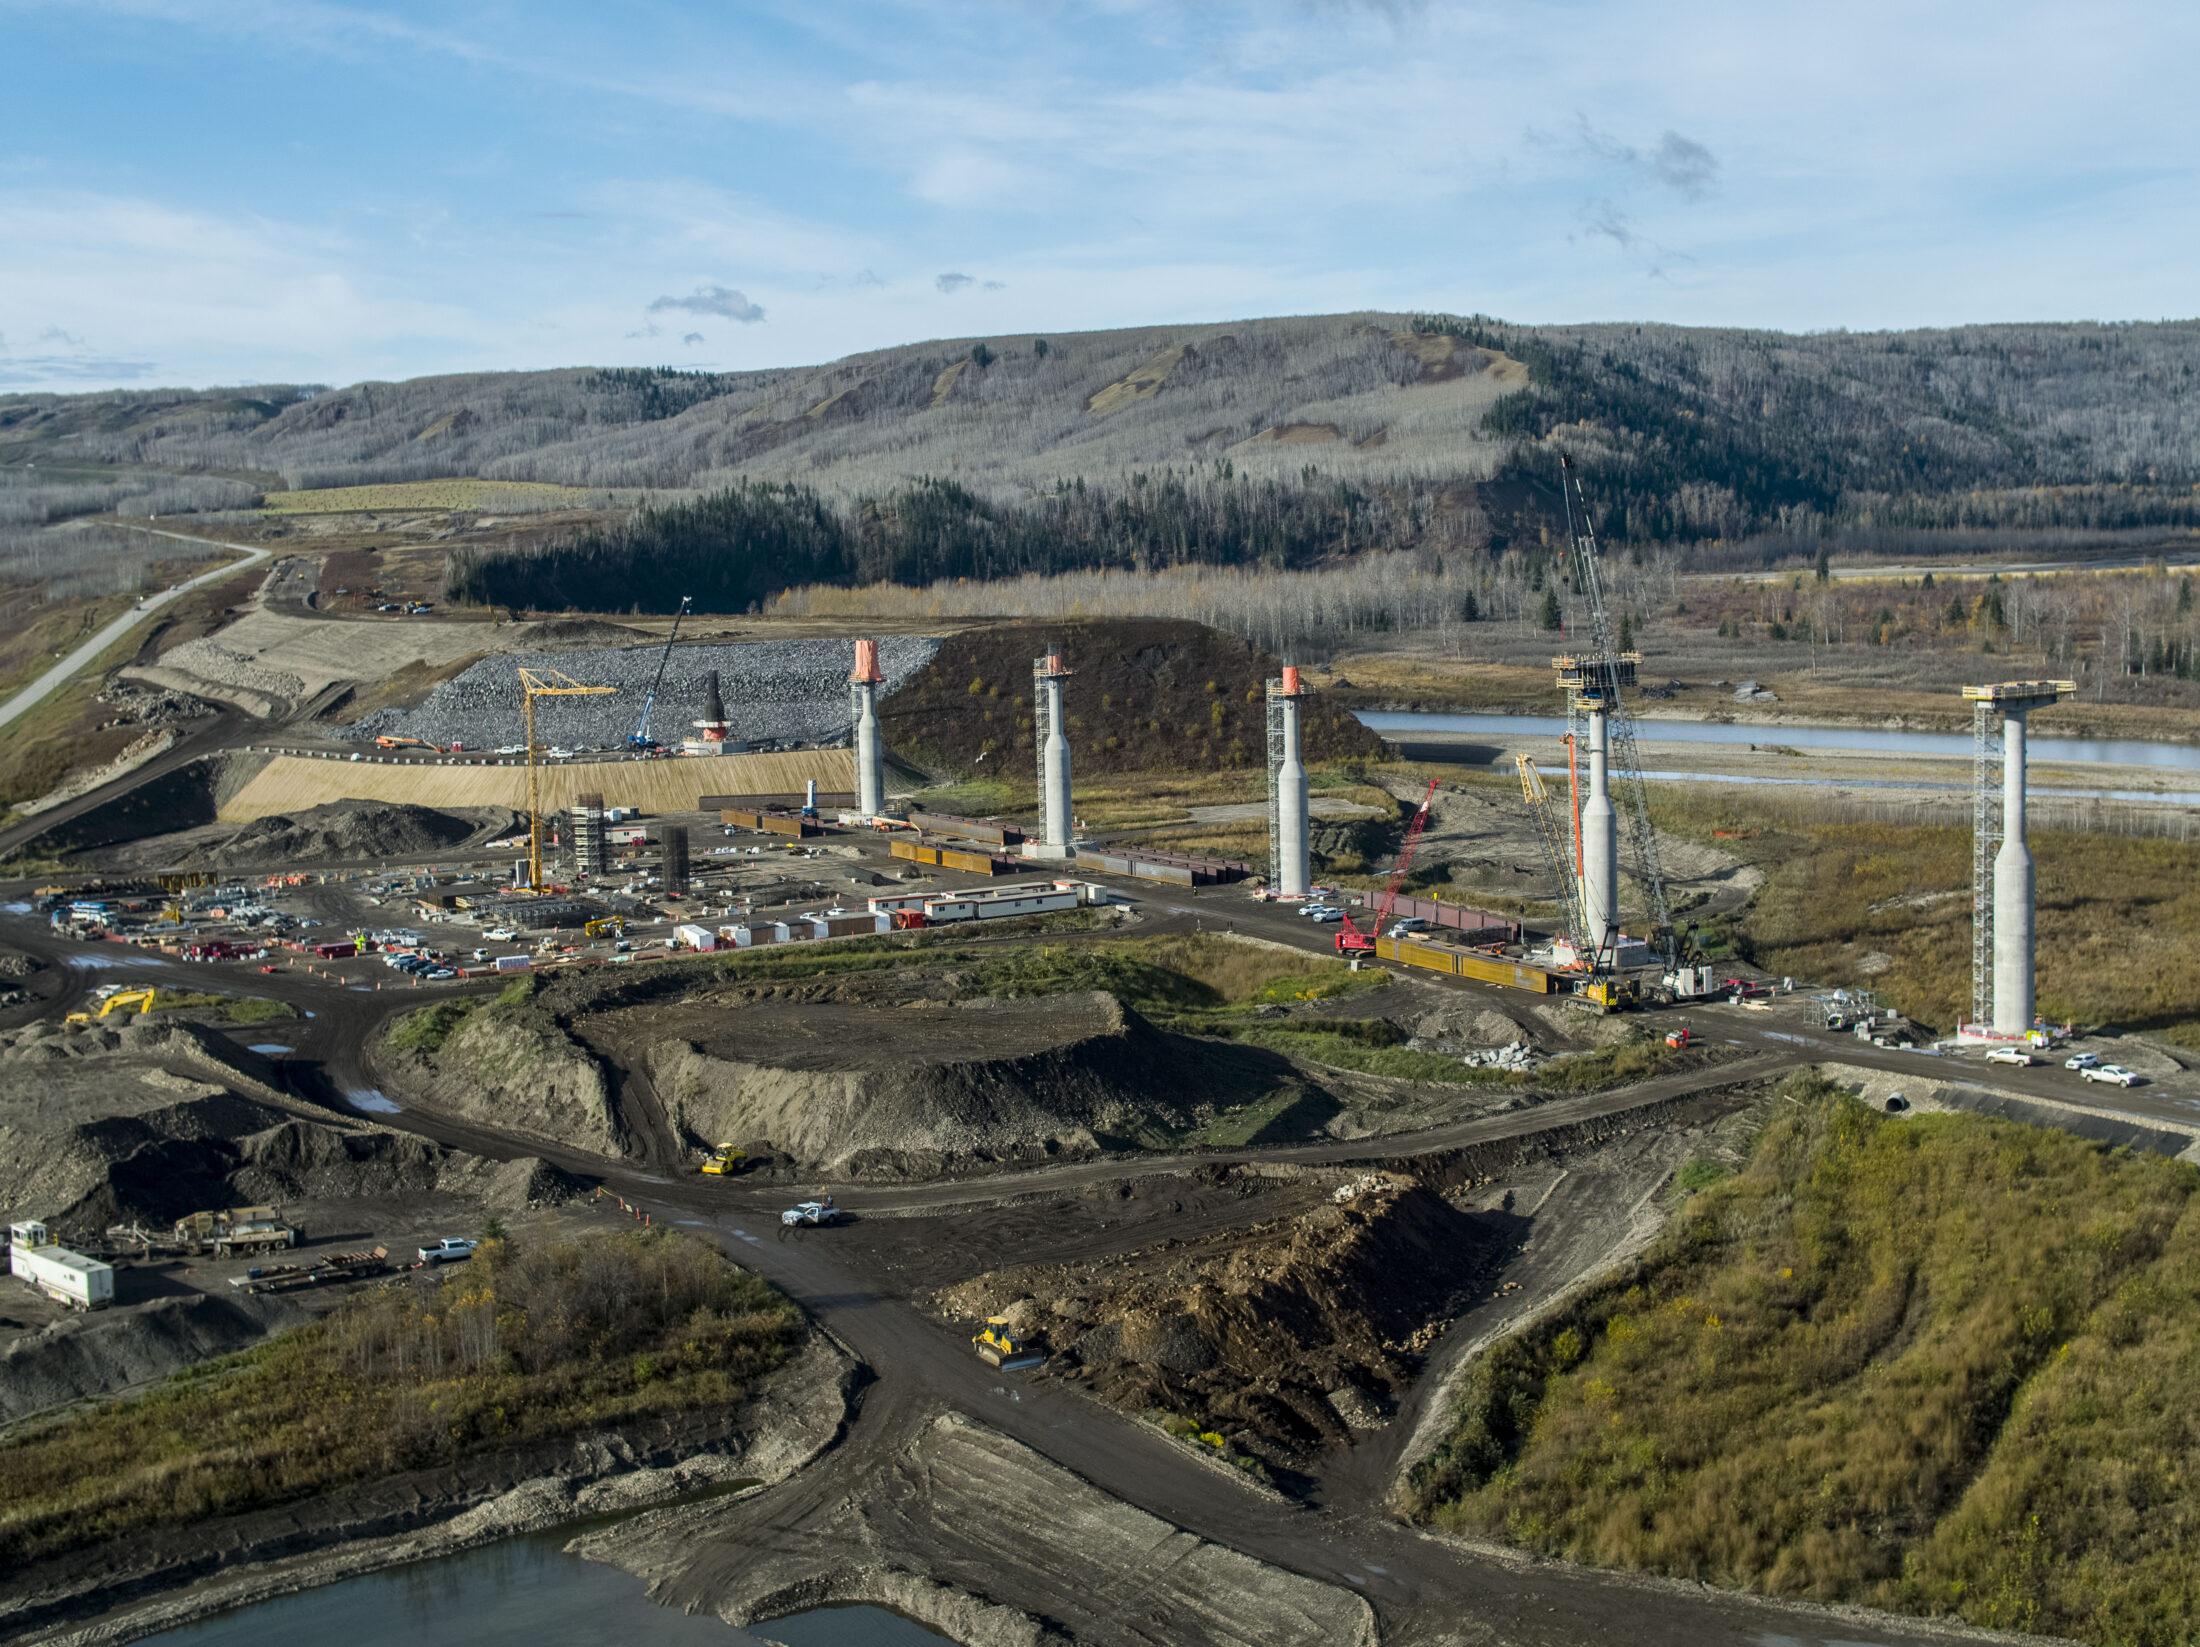 Site C dam construction bridge towers